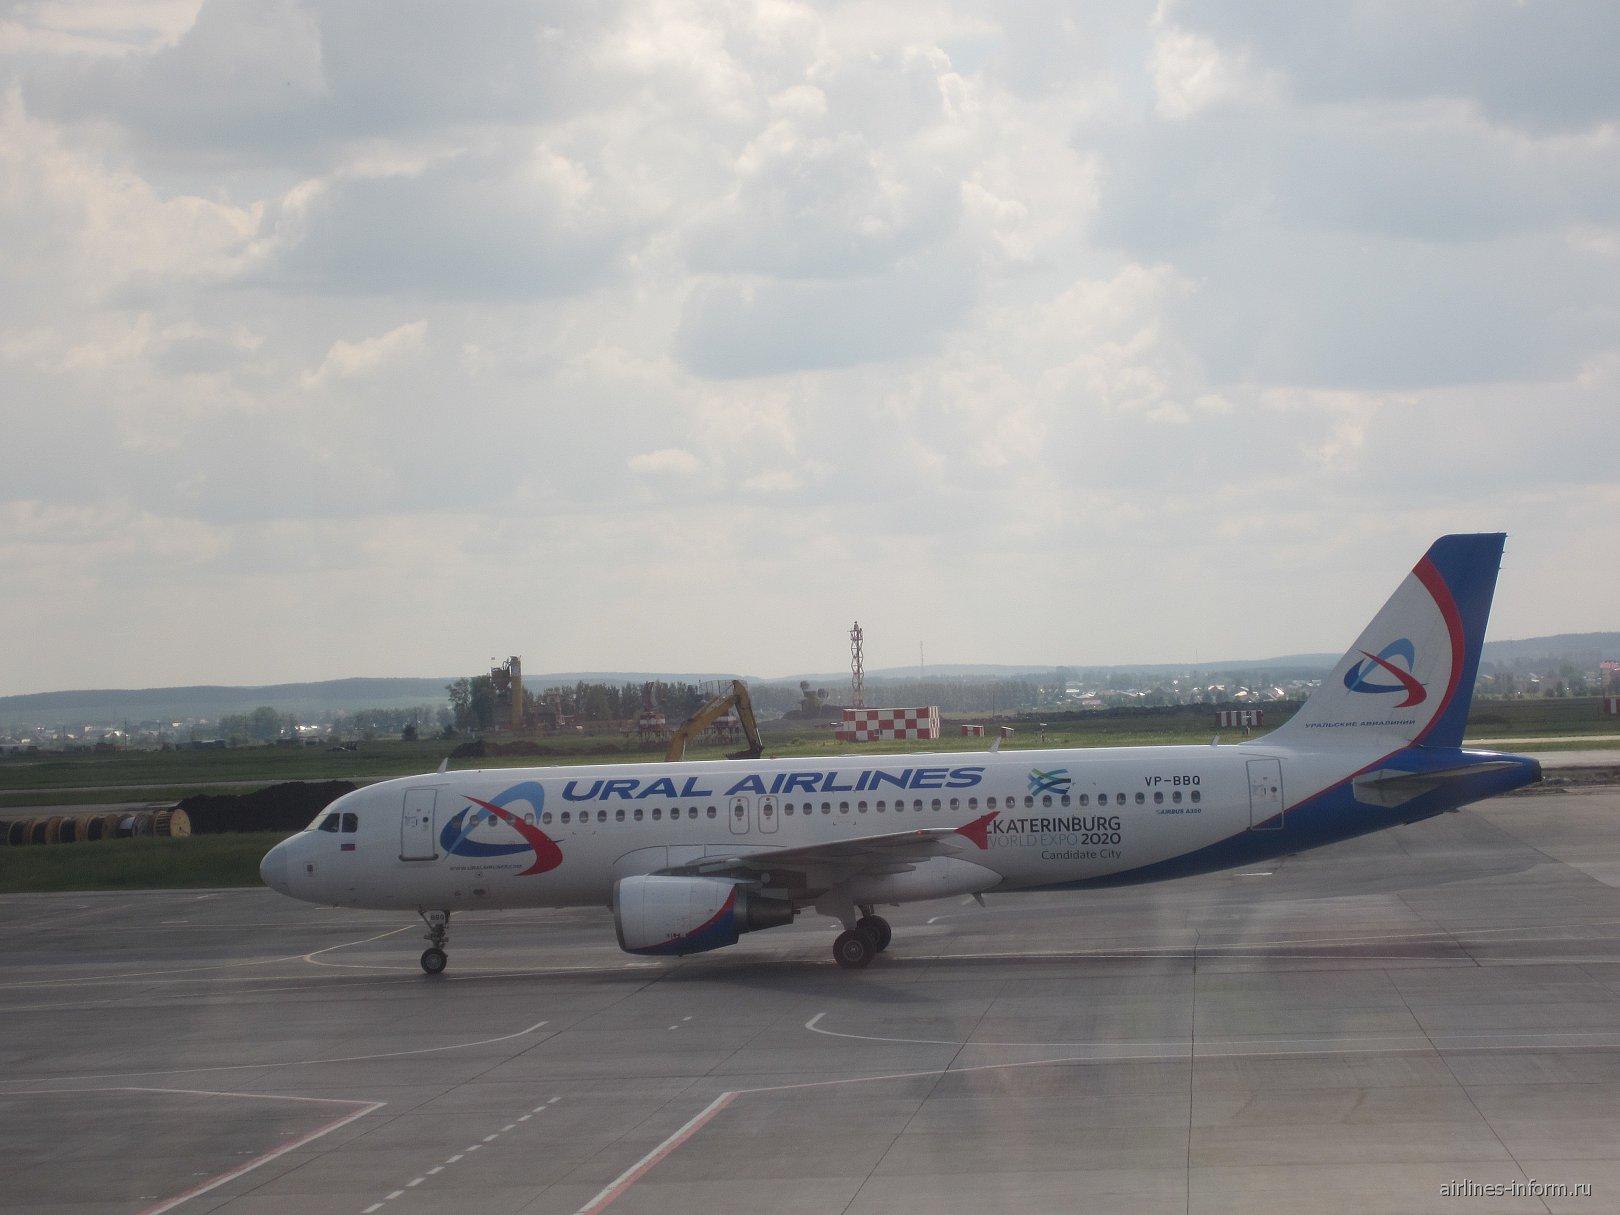 Airbus A320 Уральских авиалиний в аэропорт Кольцово